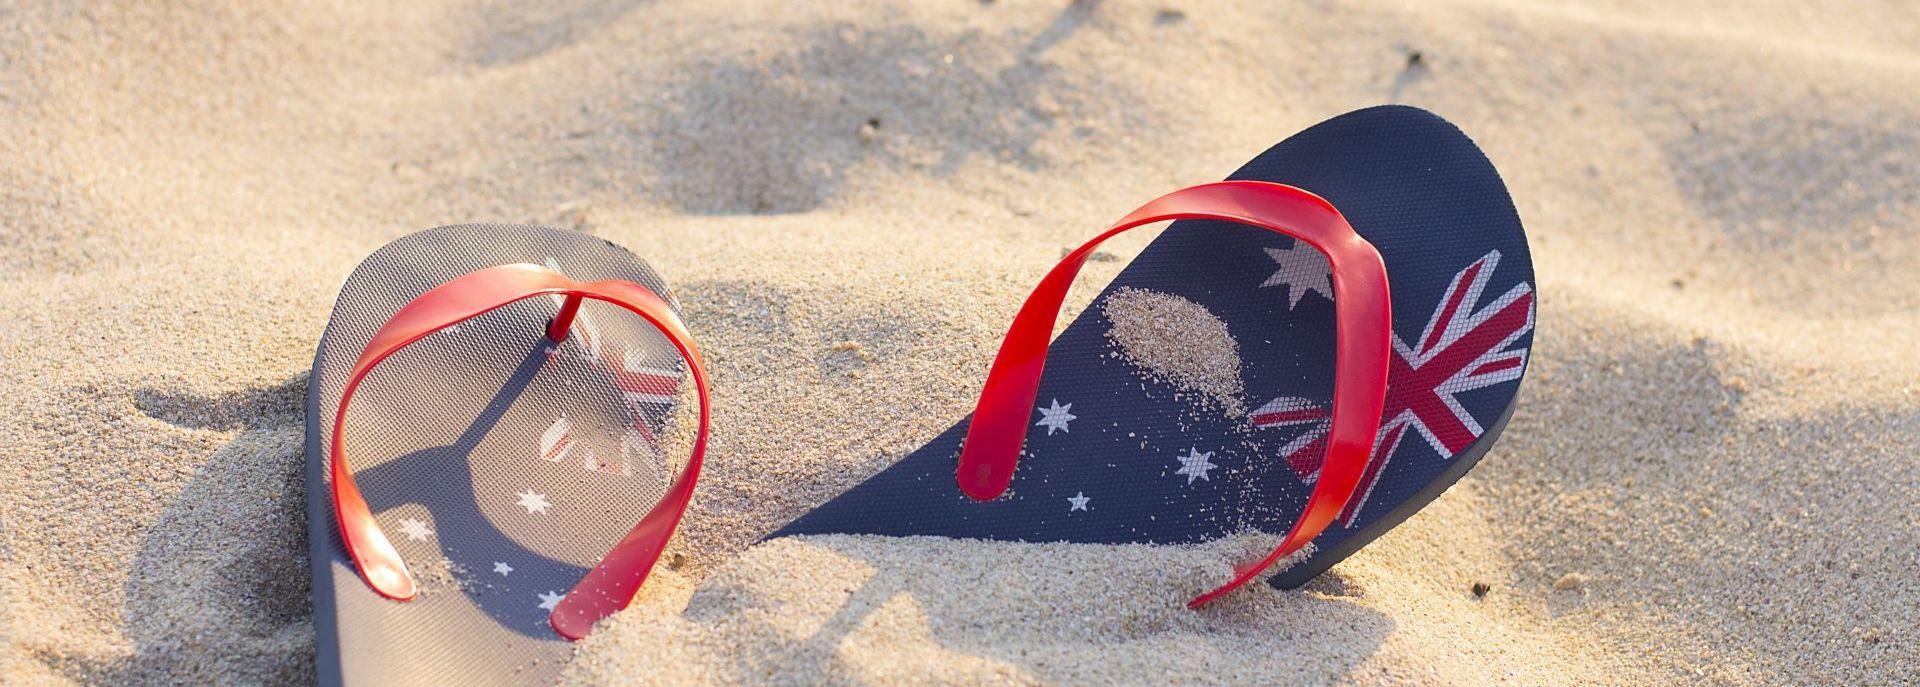 žabky na pláži v Austrálii